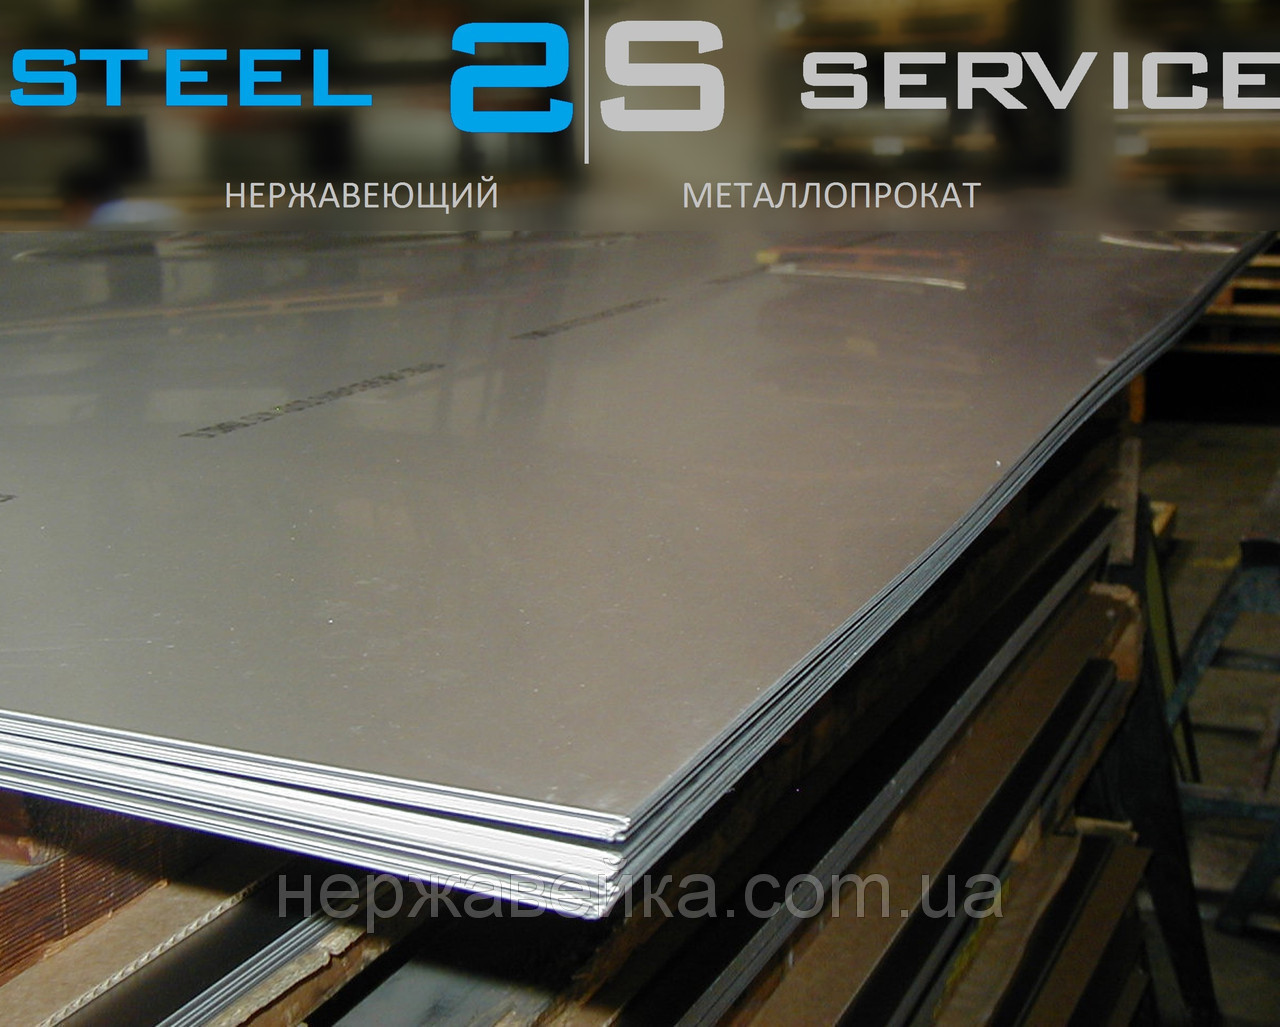 Нержавеющий лист 12х1500х6000мм  AISI 316Ti(10Х17Н13М2Т) F1 - горячекатанный,  кислотостойкий